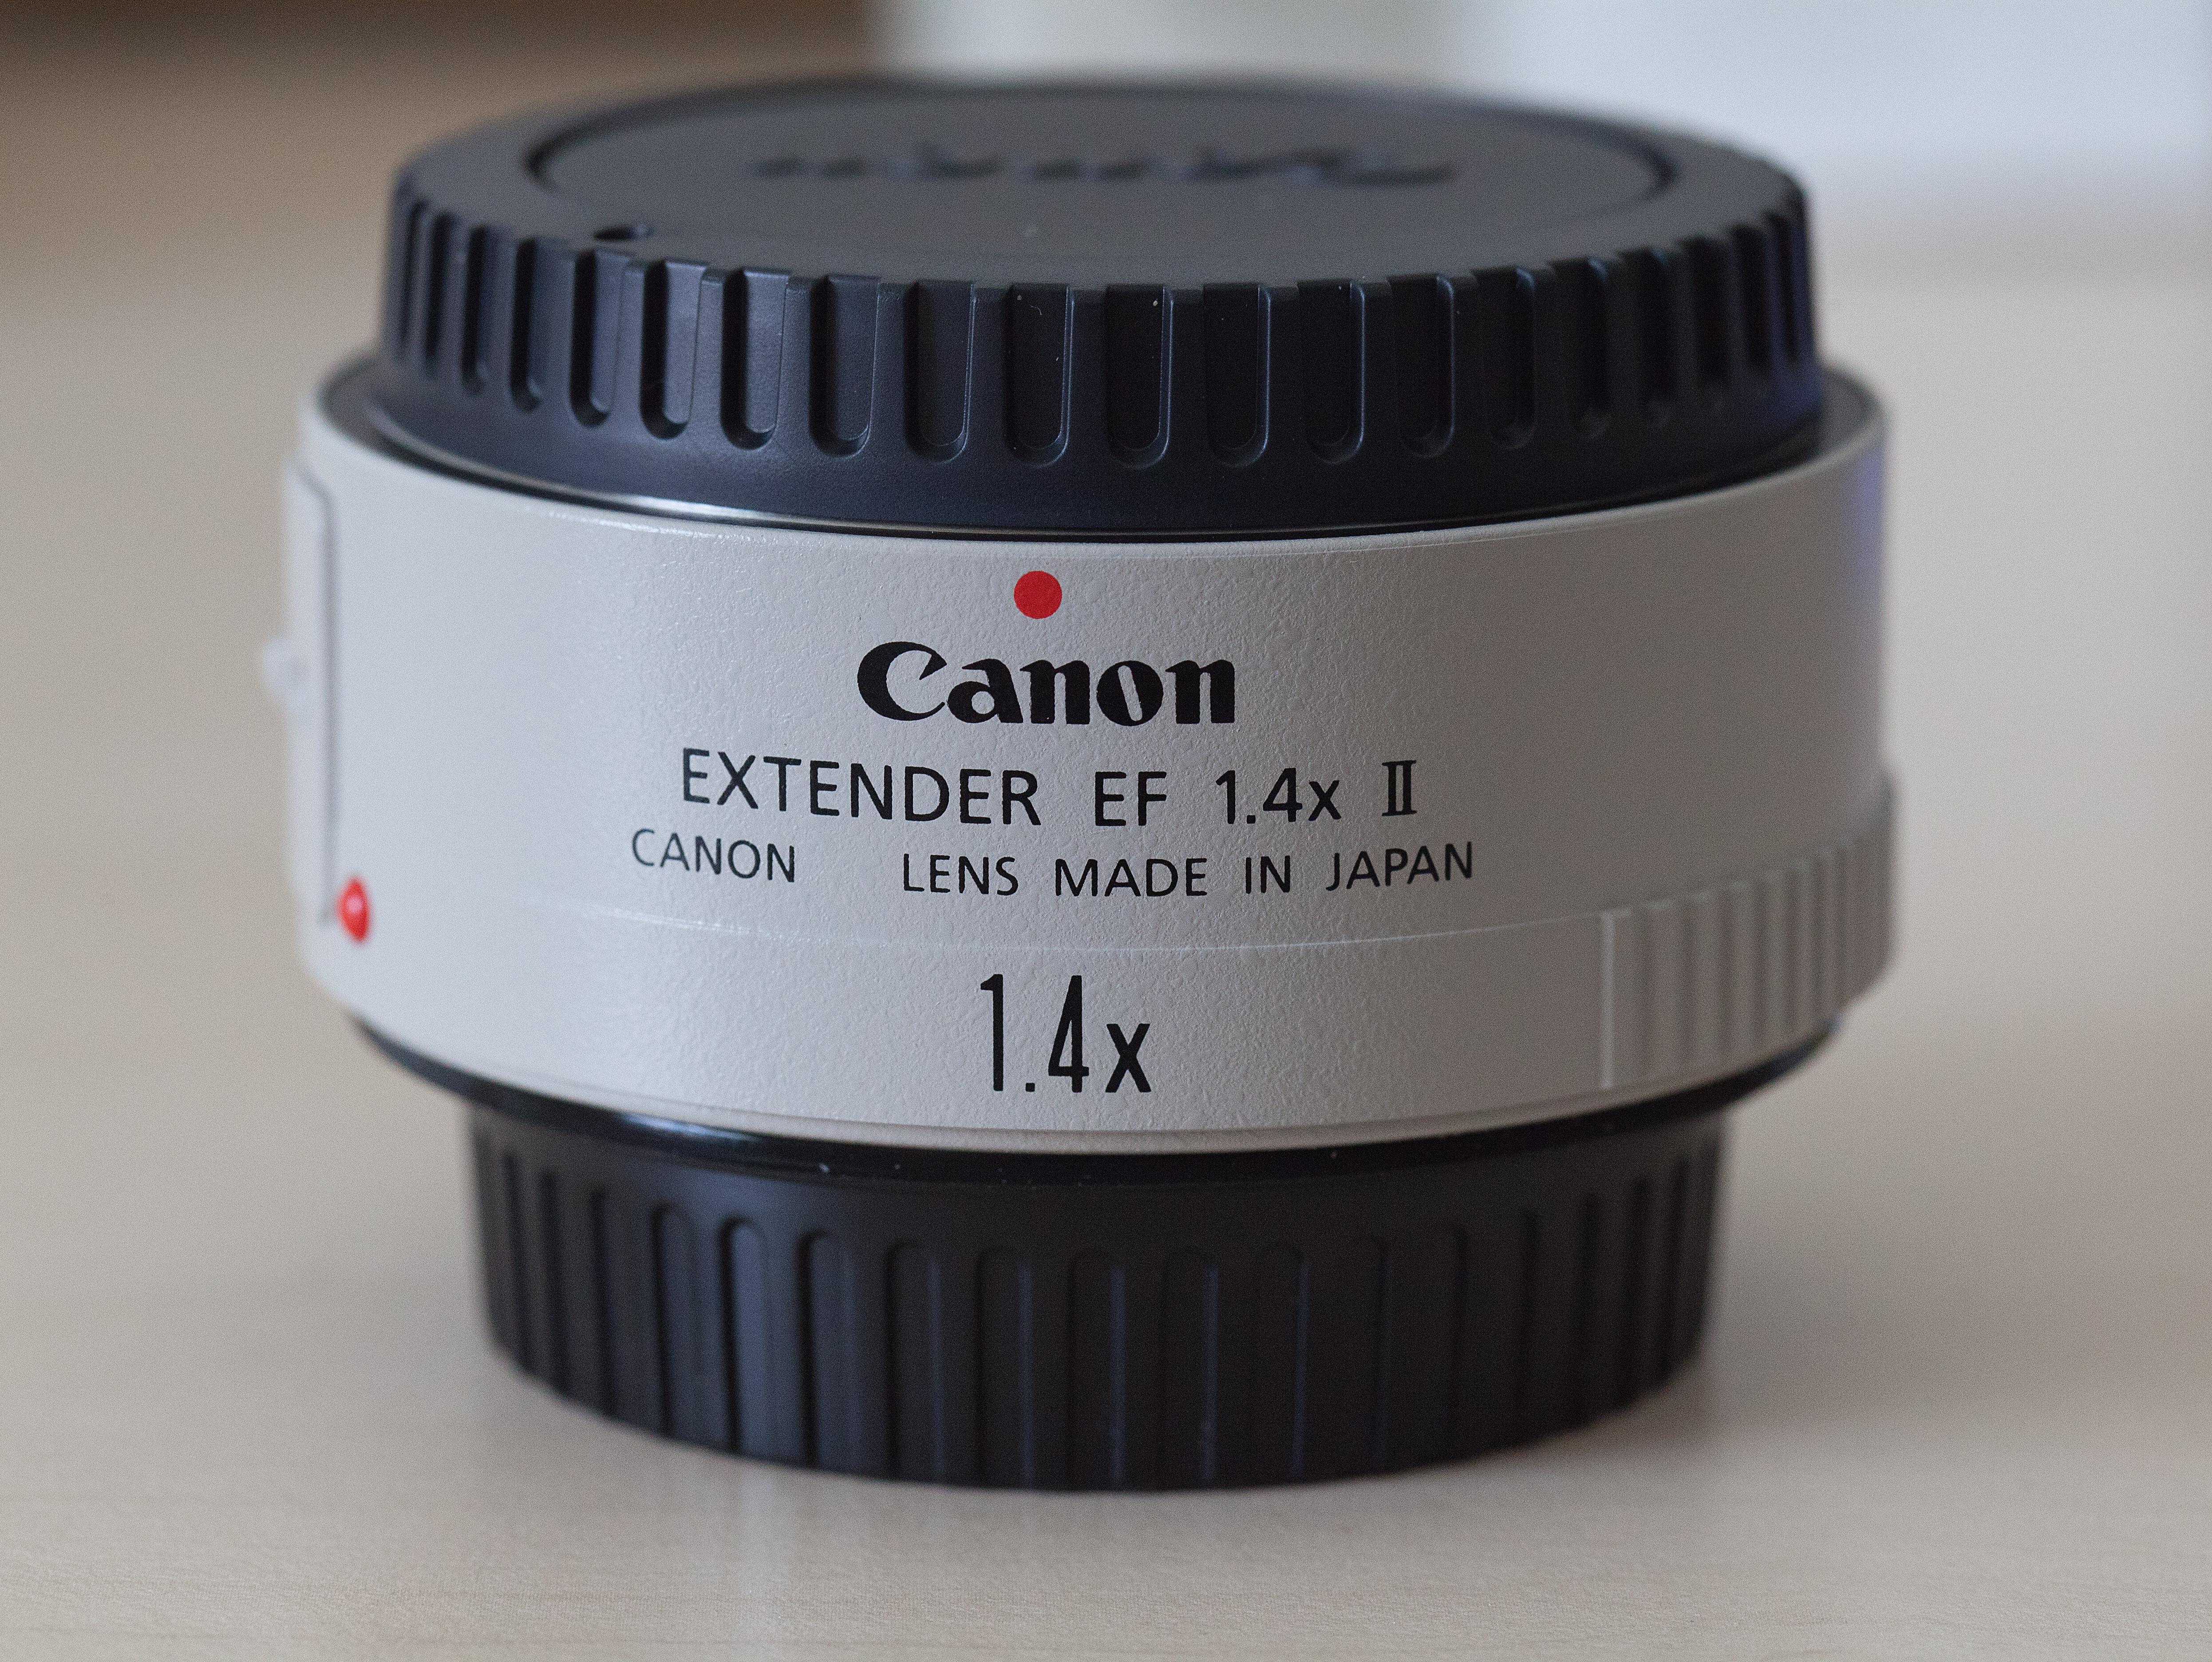 Extender EF 2x II - Supporto - Scarica driver ... - canon.it